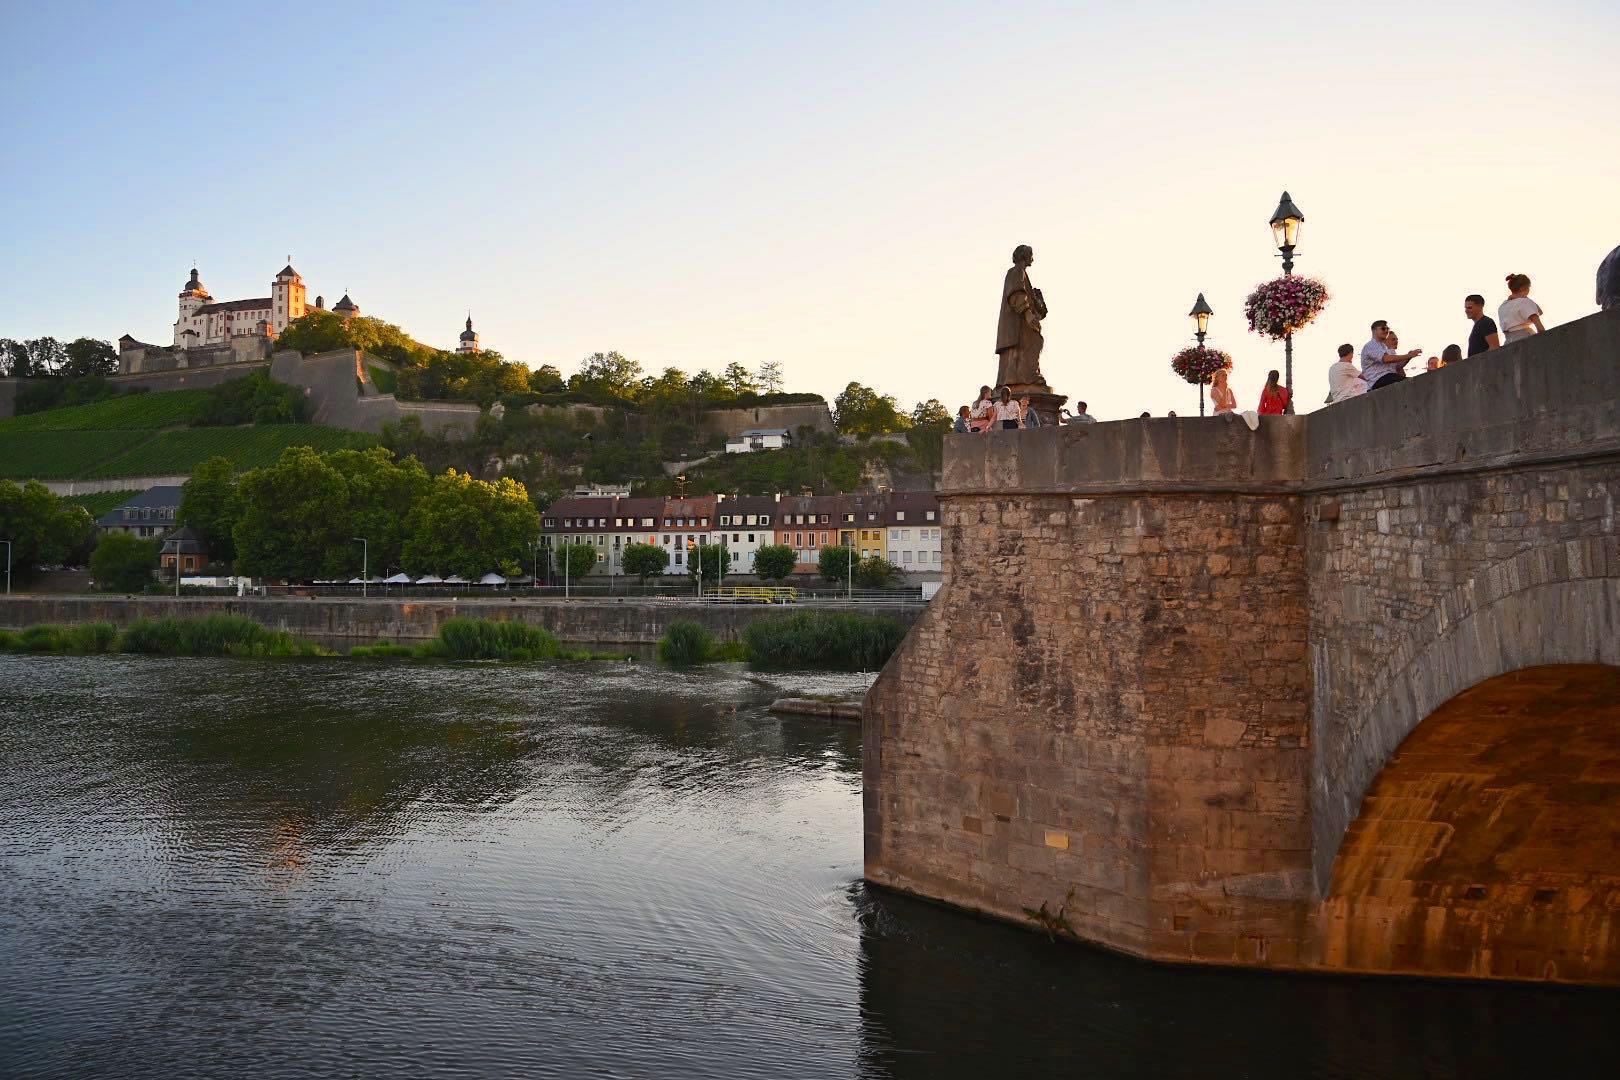 wuerzburg sehenswuerdigkeiten tipps 17 - Würzburg: Sehenswürdigkeiten und Tipps